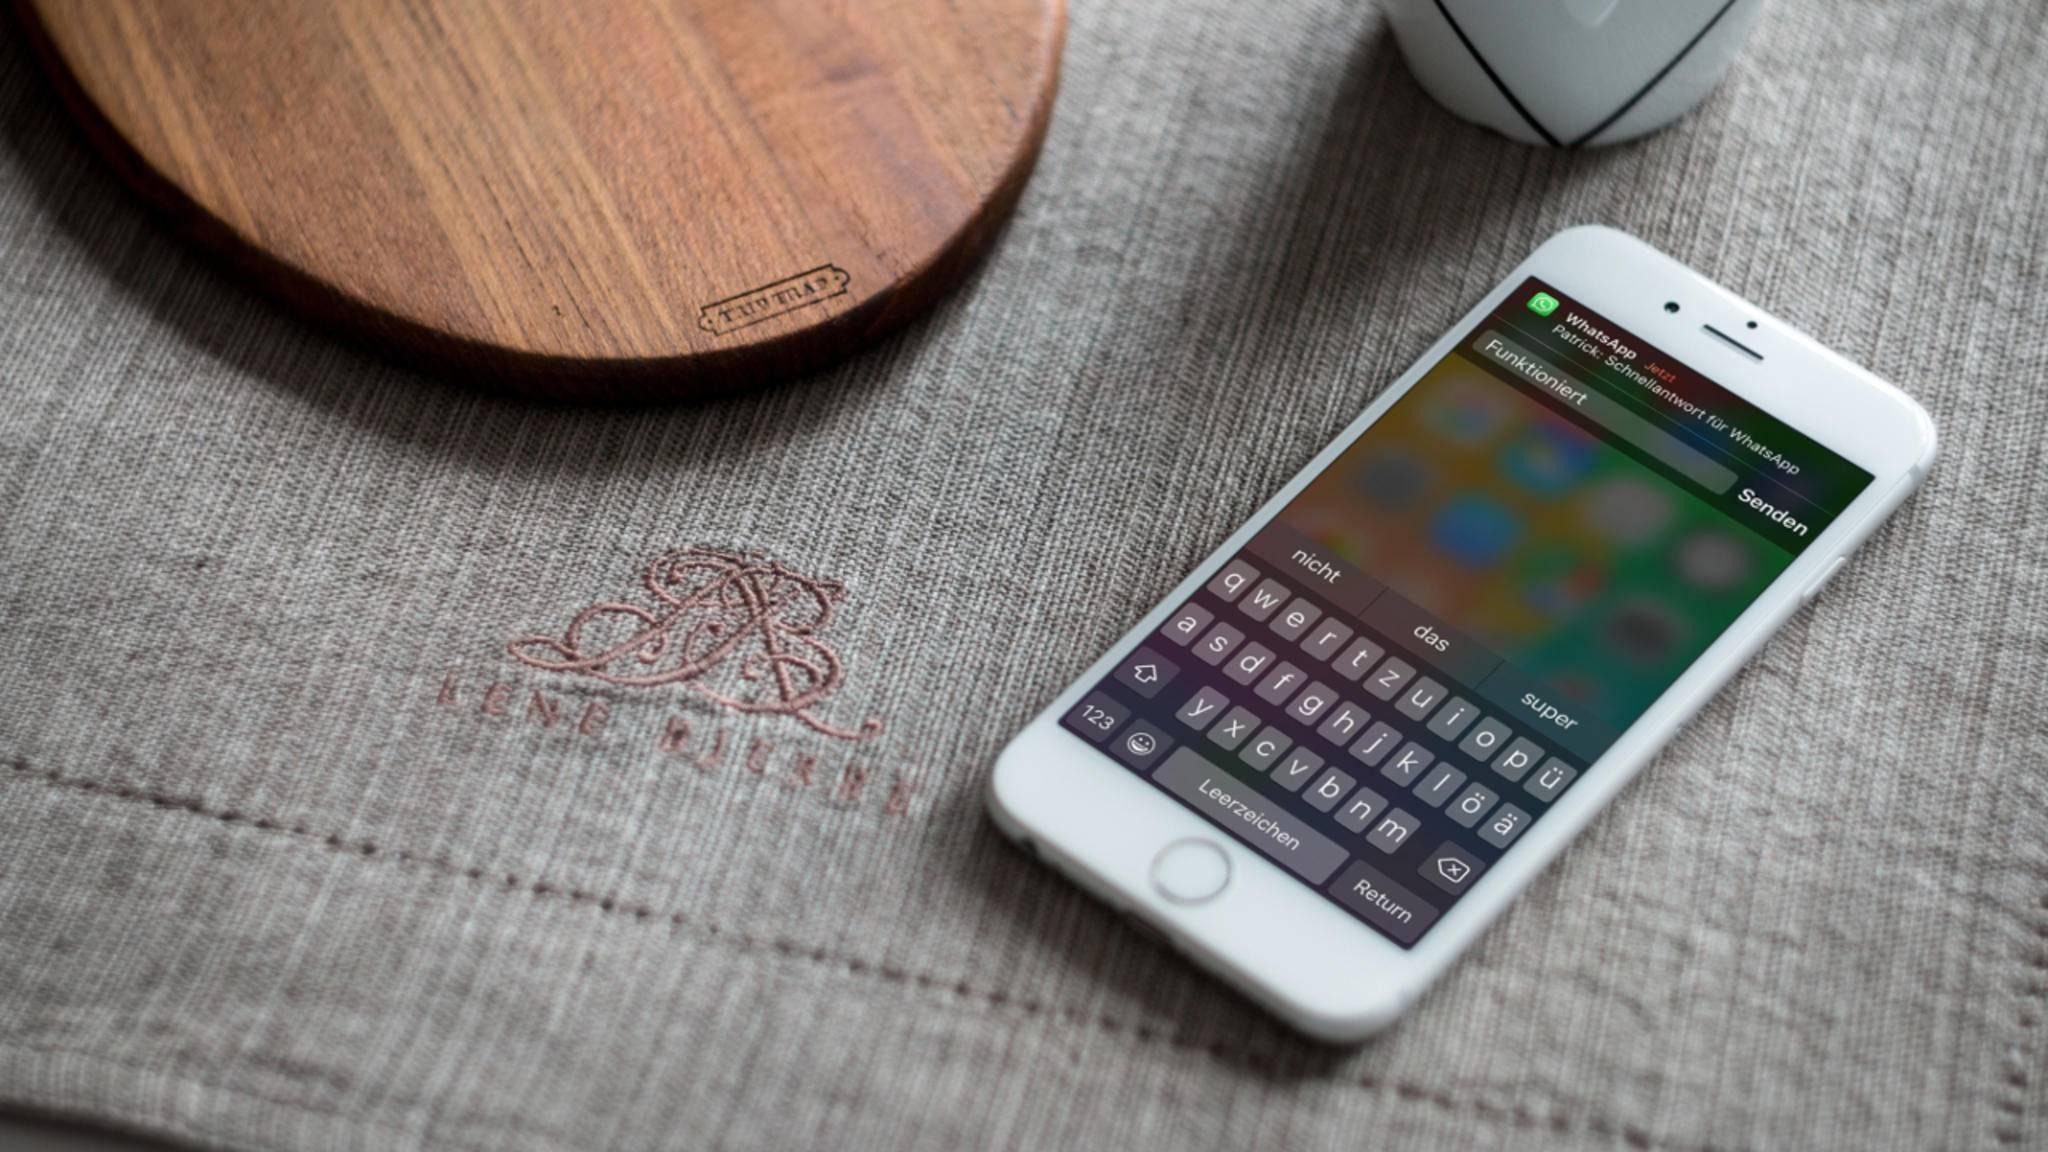 Gerade verbergen whatsapp online Warum geht